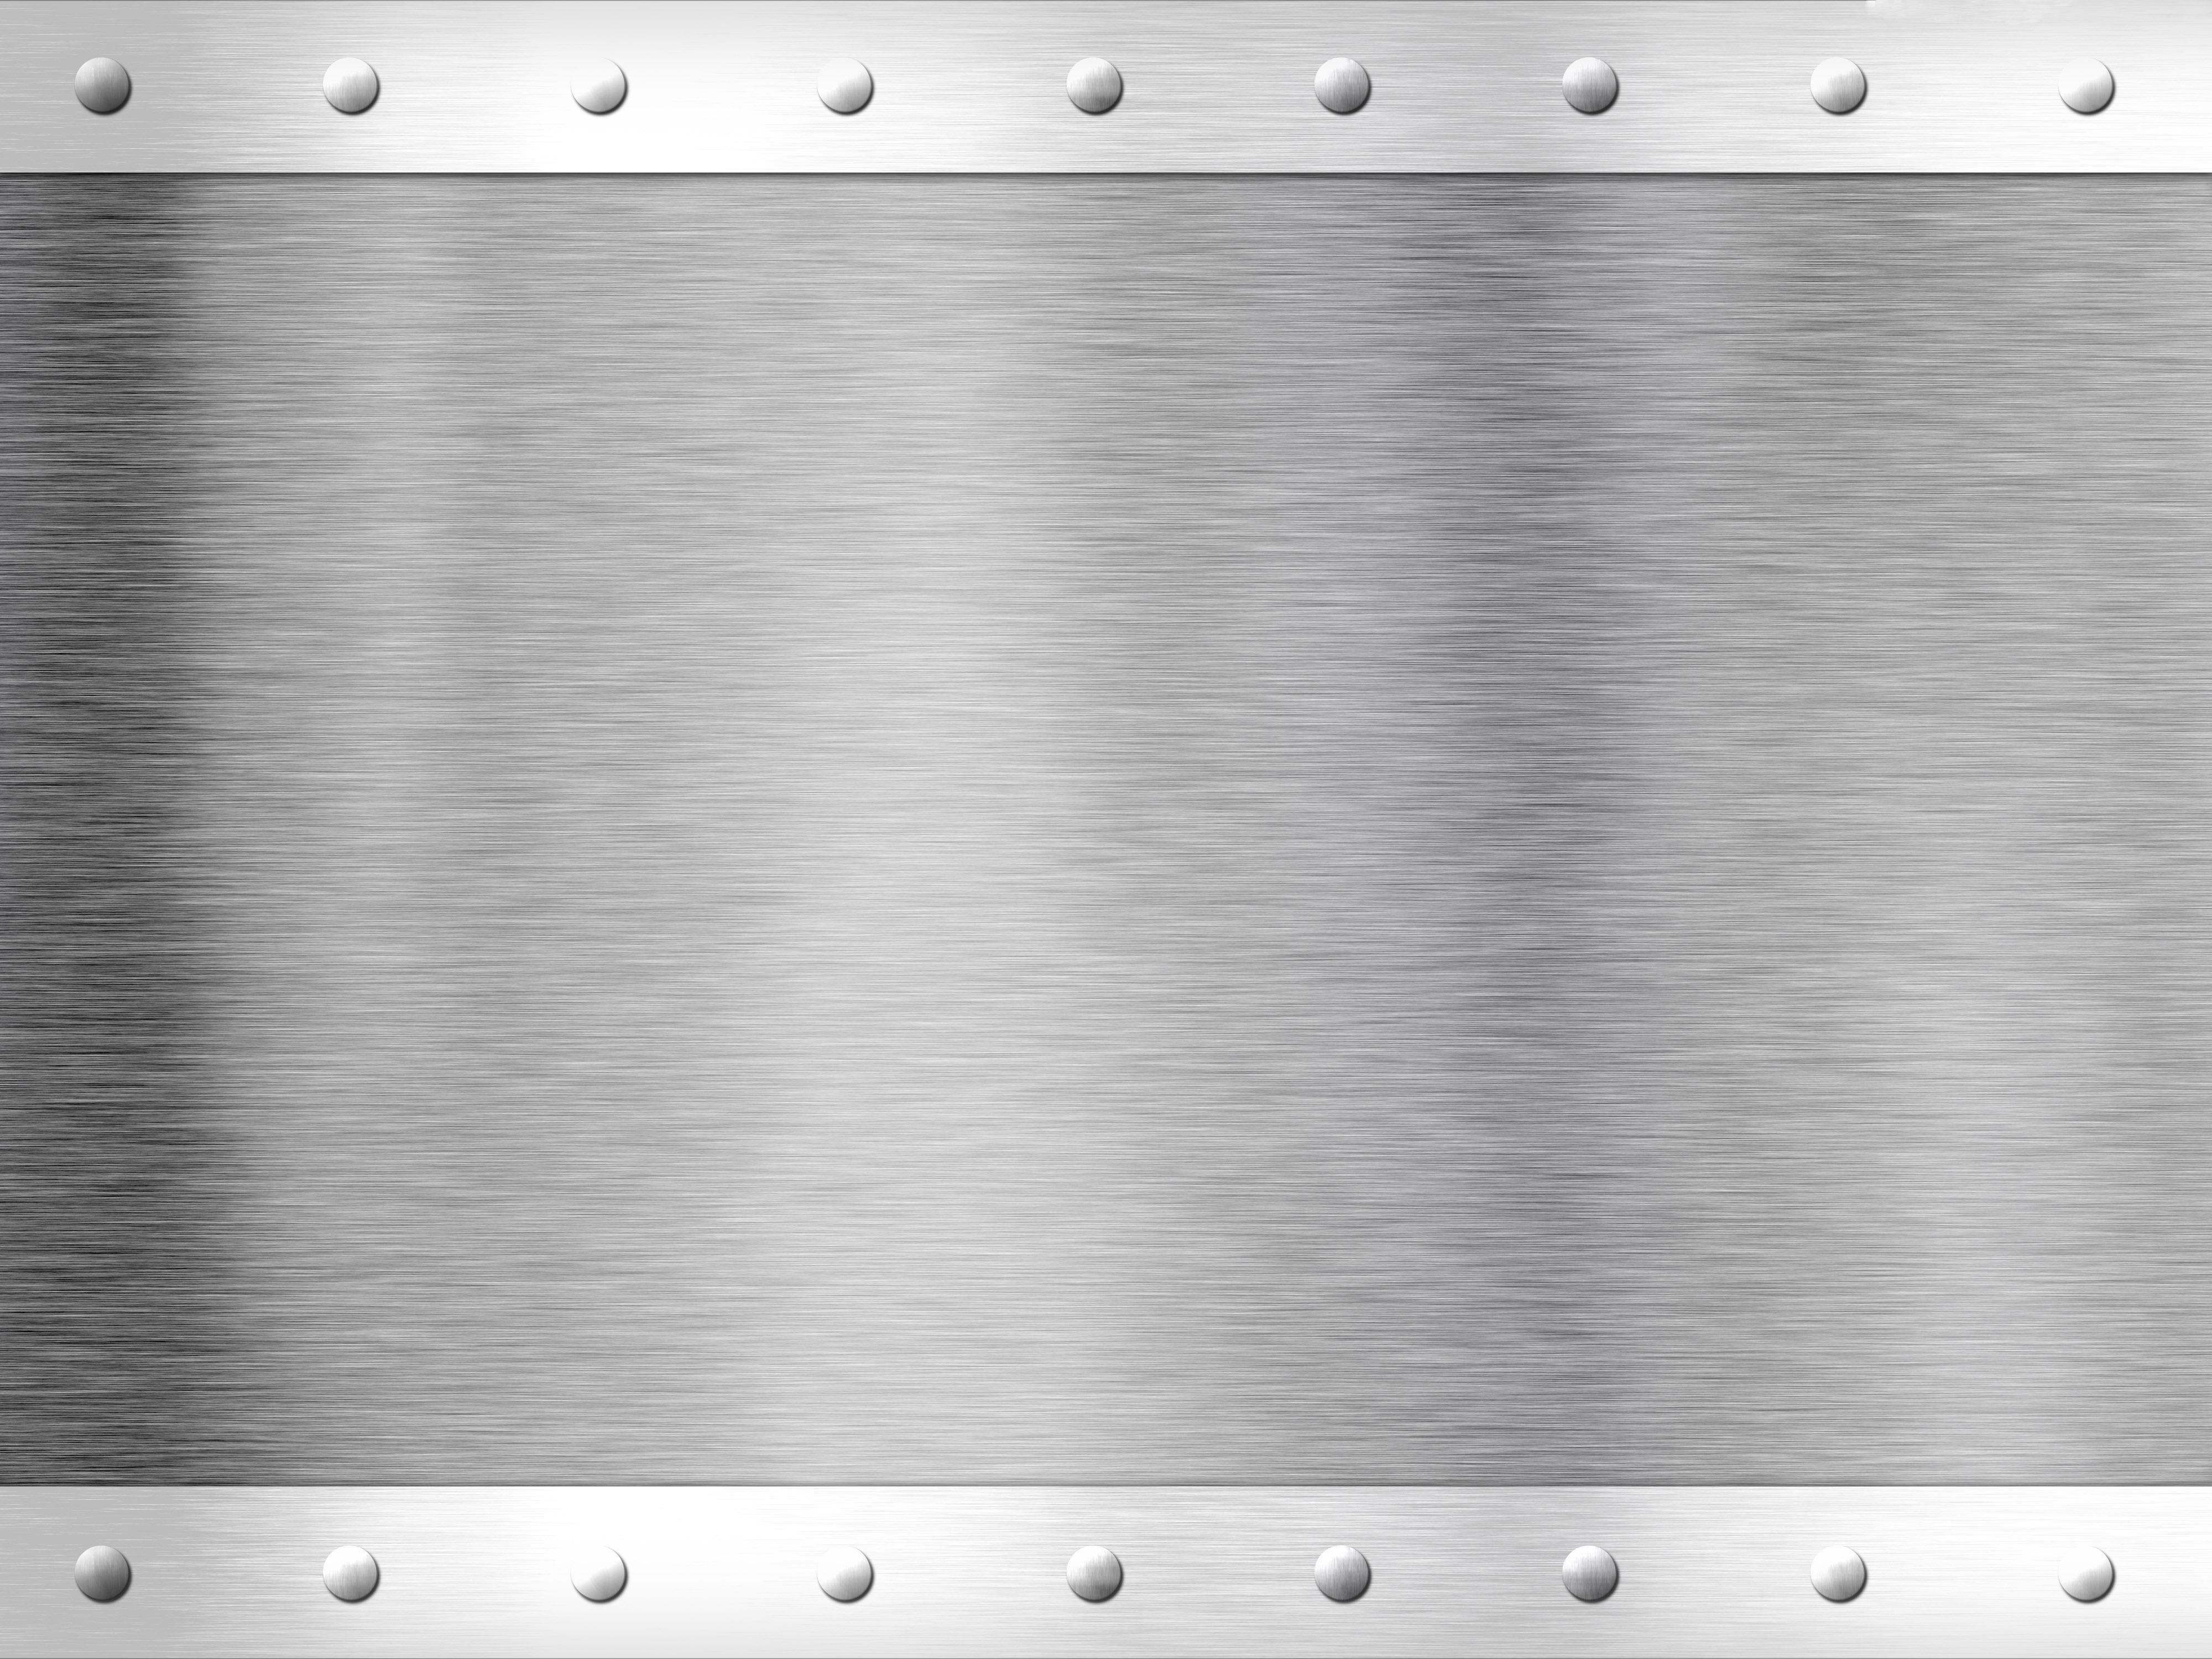 Aluminium texture background download photos aluminum texture 4000x3000